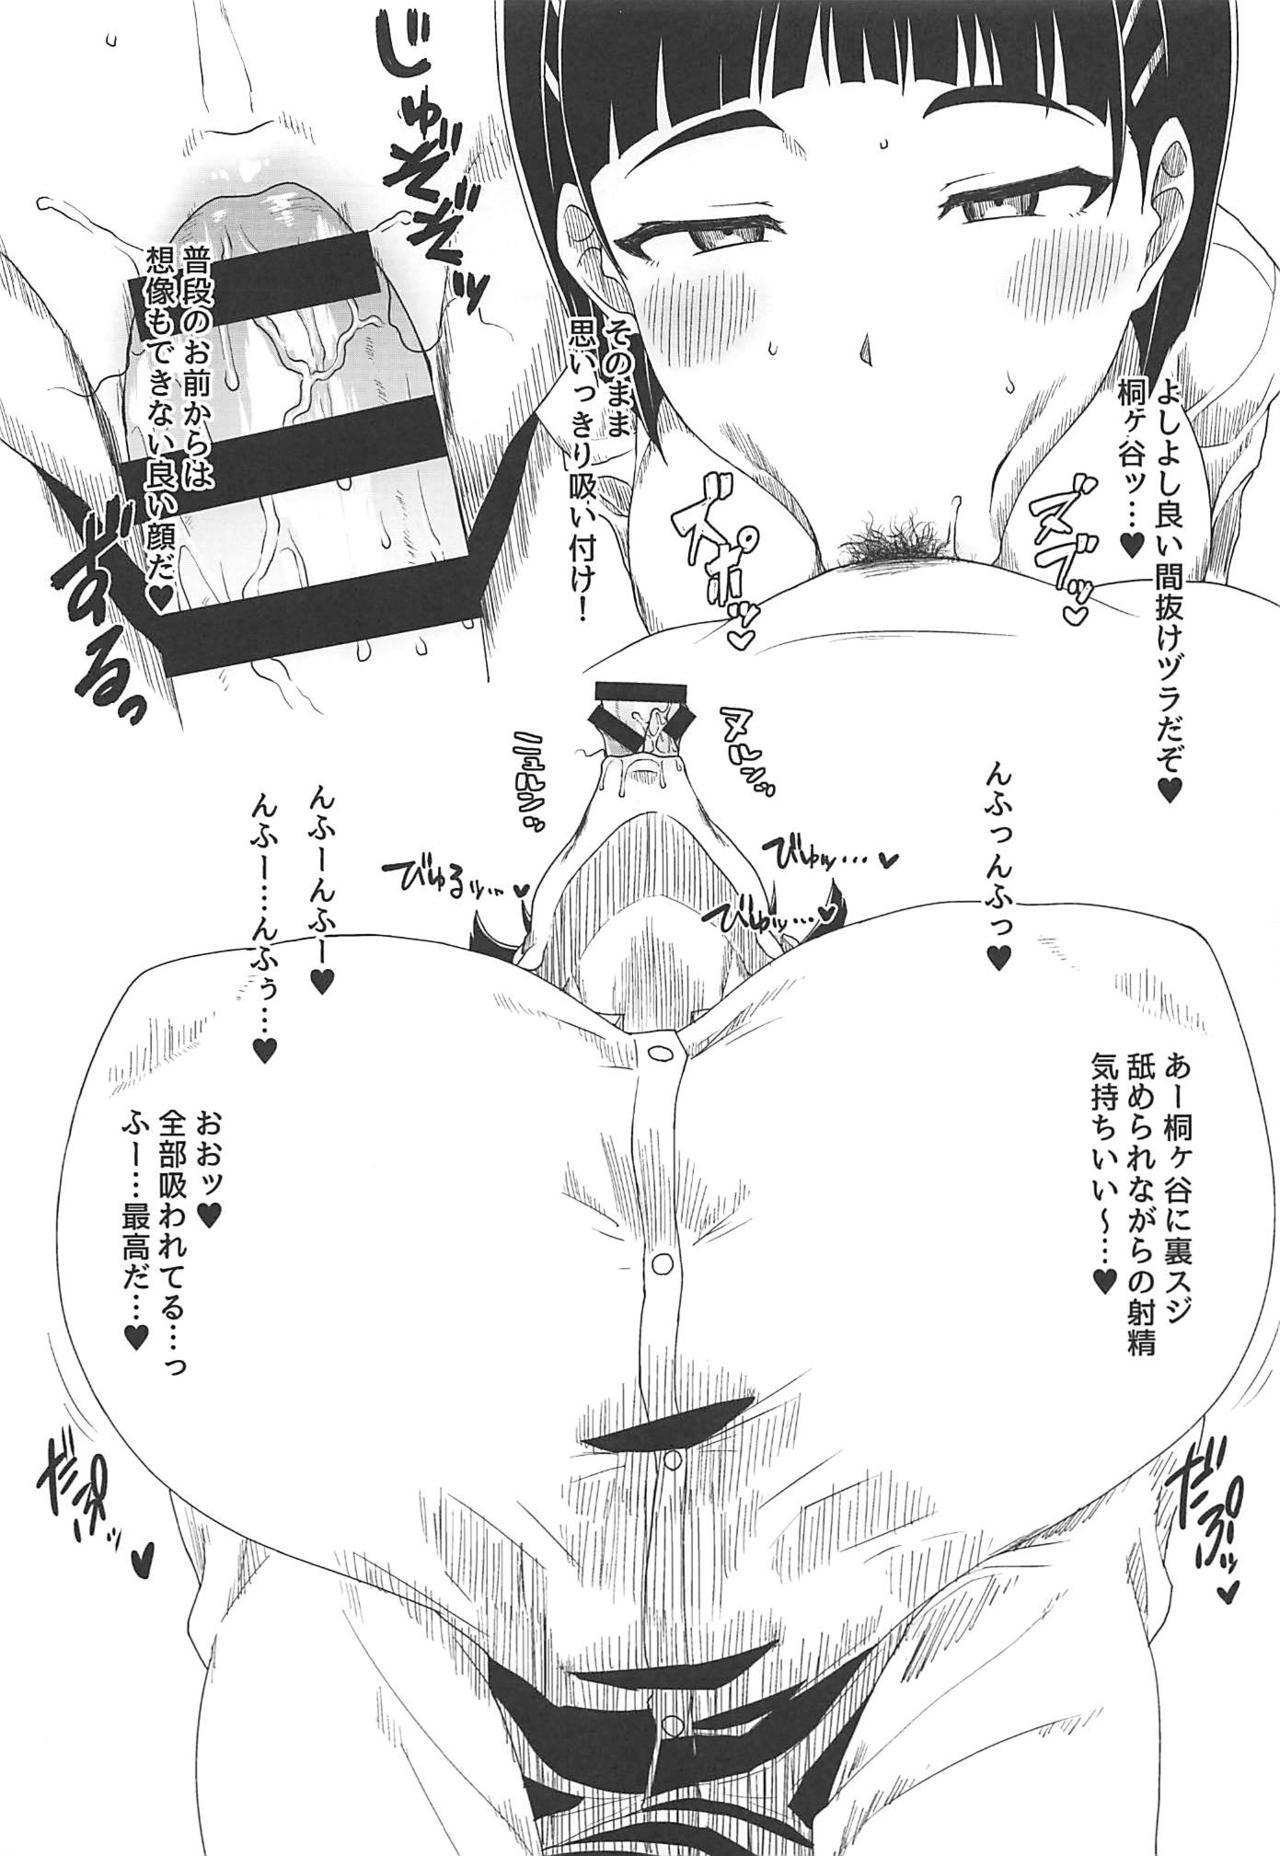 Omake no Matome+ 29